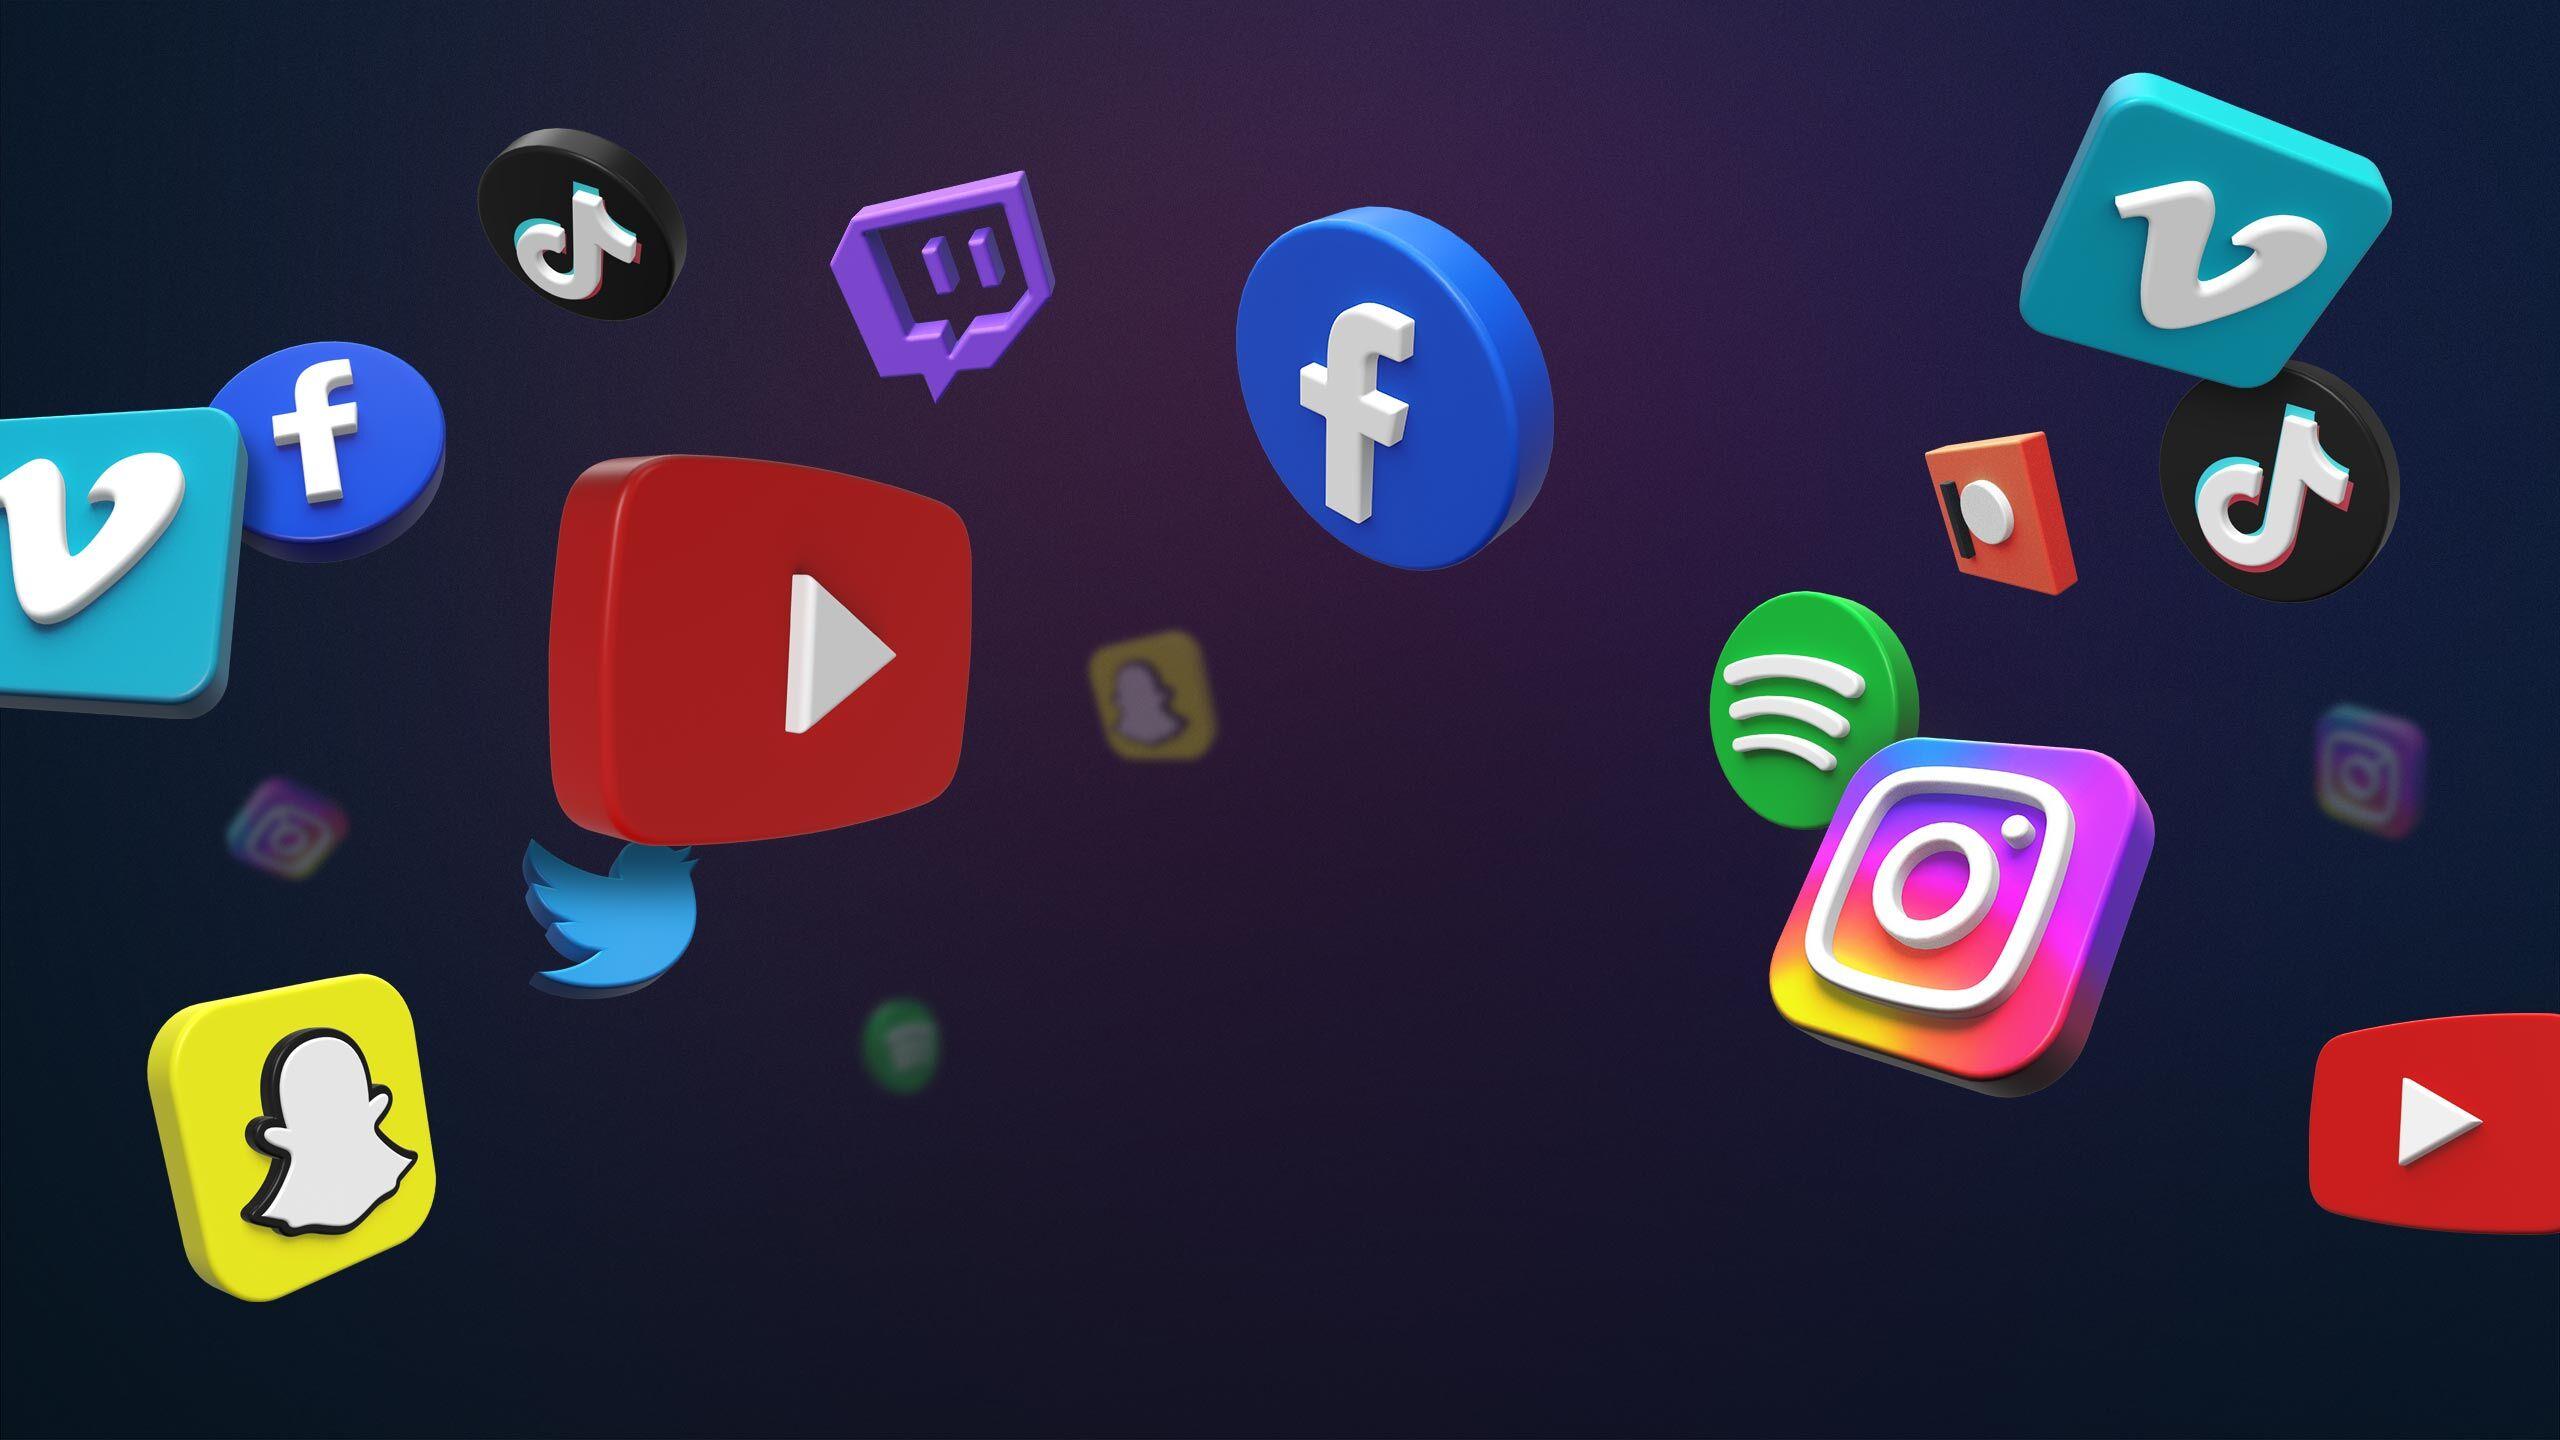 Social media per aziende e privati: cose da sapere.